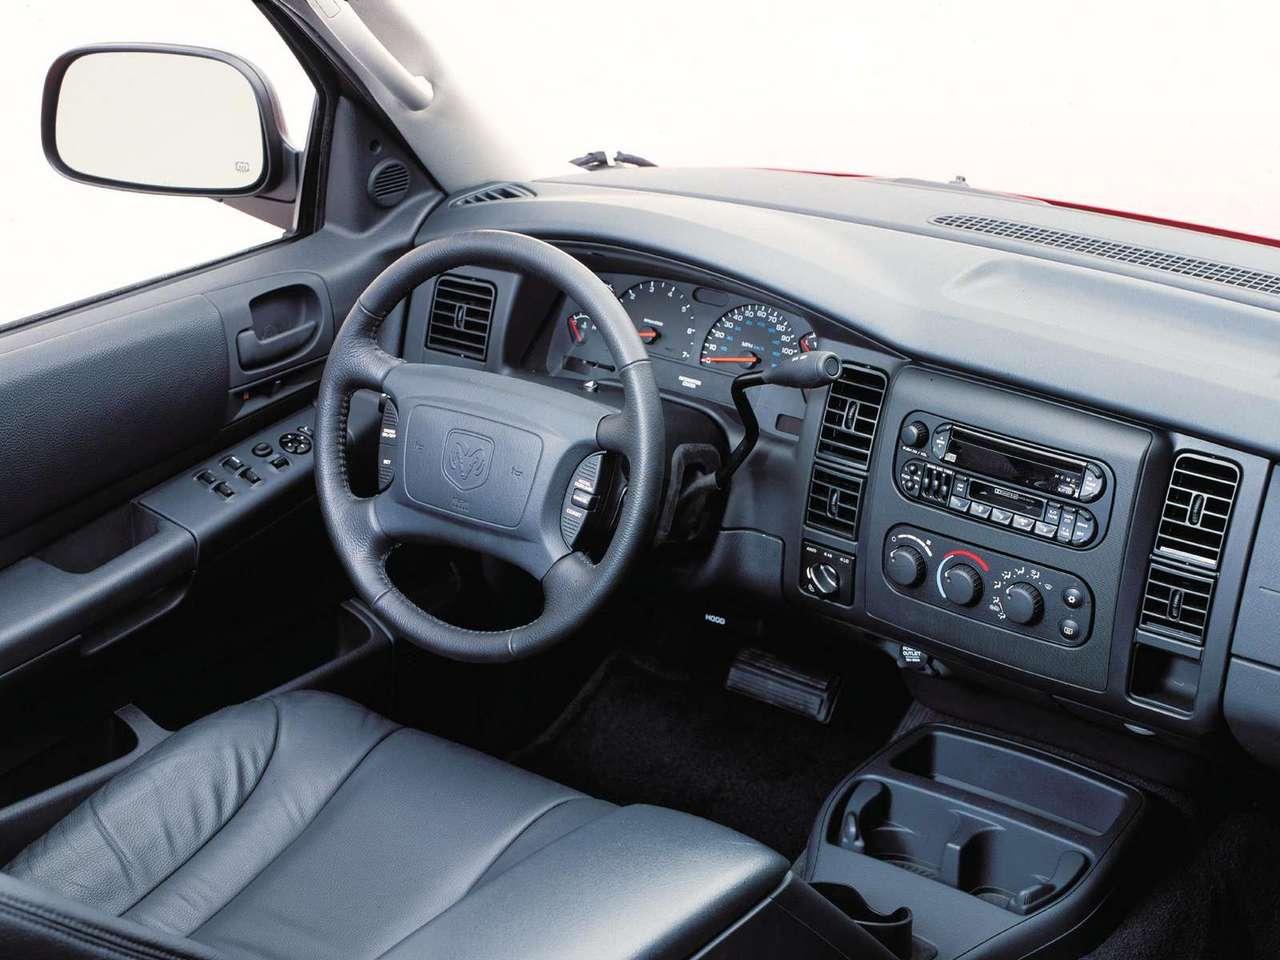 Dodge Dakota X Wallpaper on 1993 Dodge Extended Cab Truck